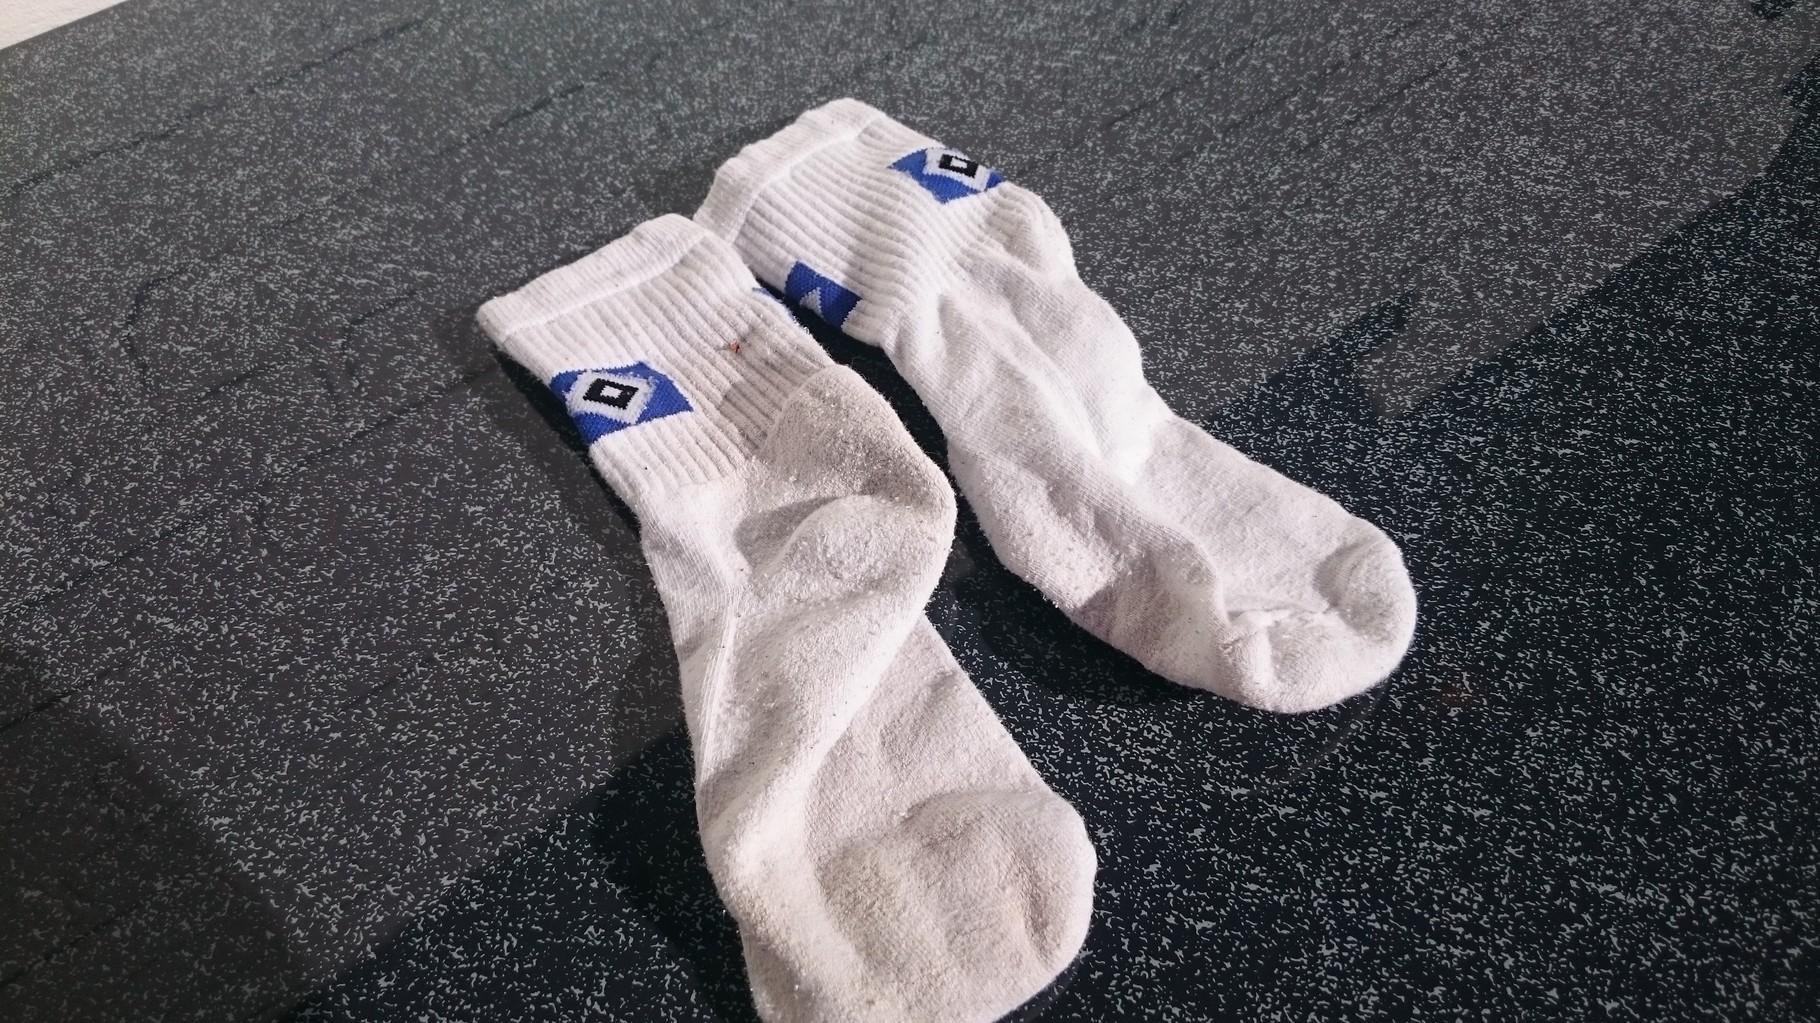 2 x Socken mit HSV-Logo